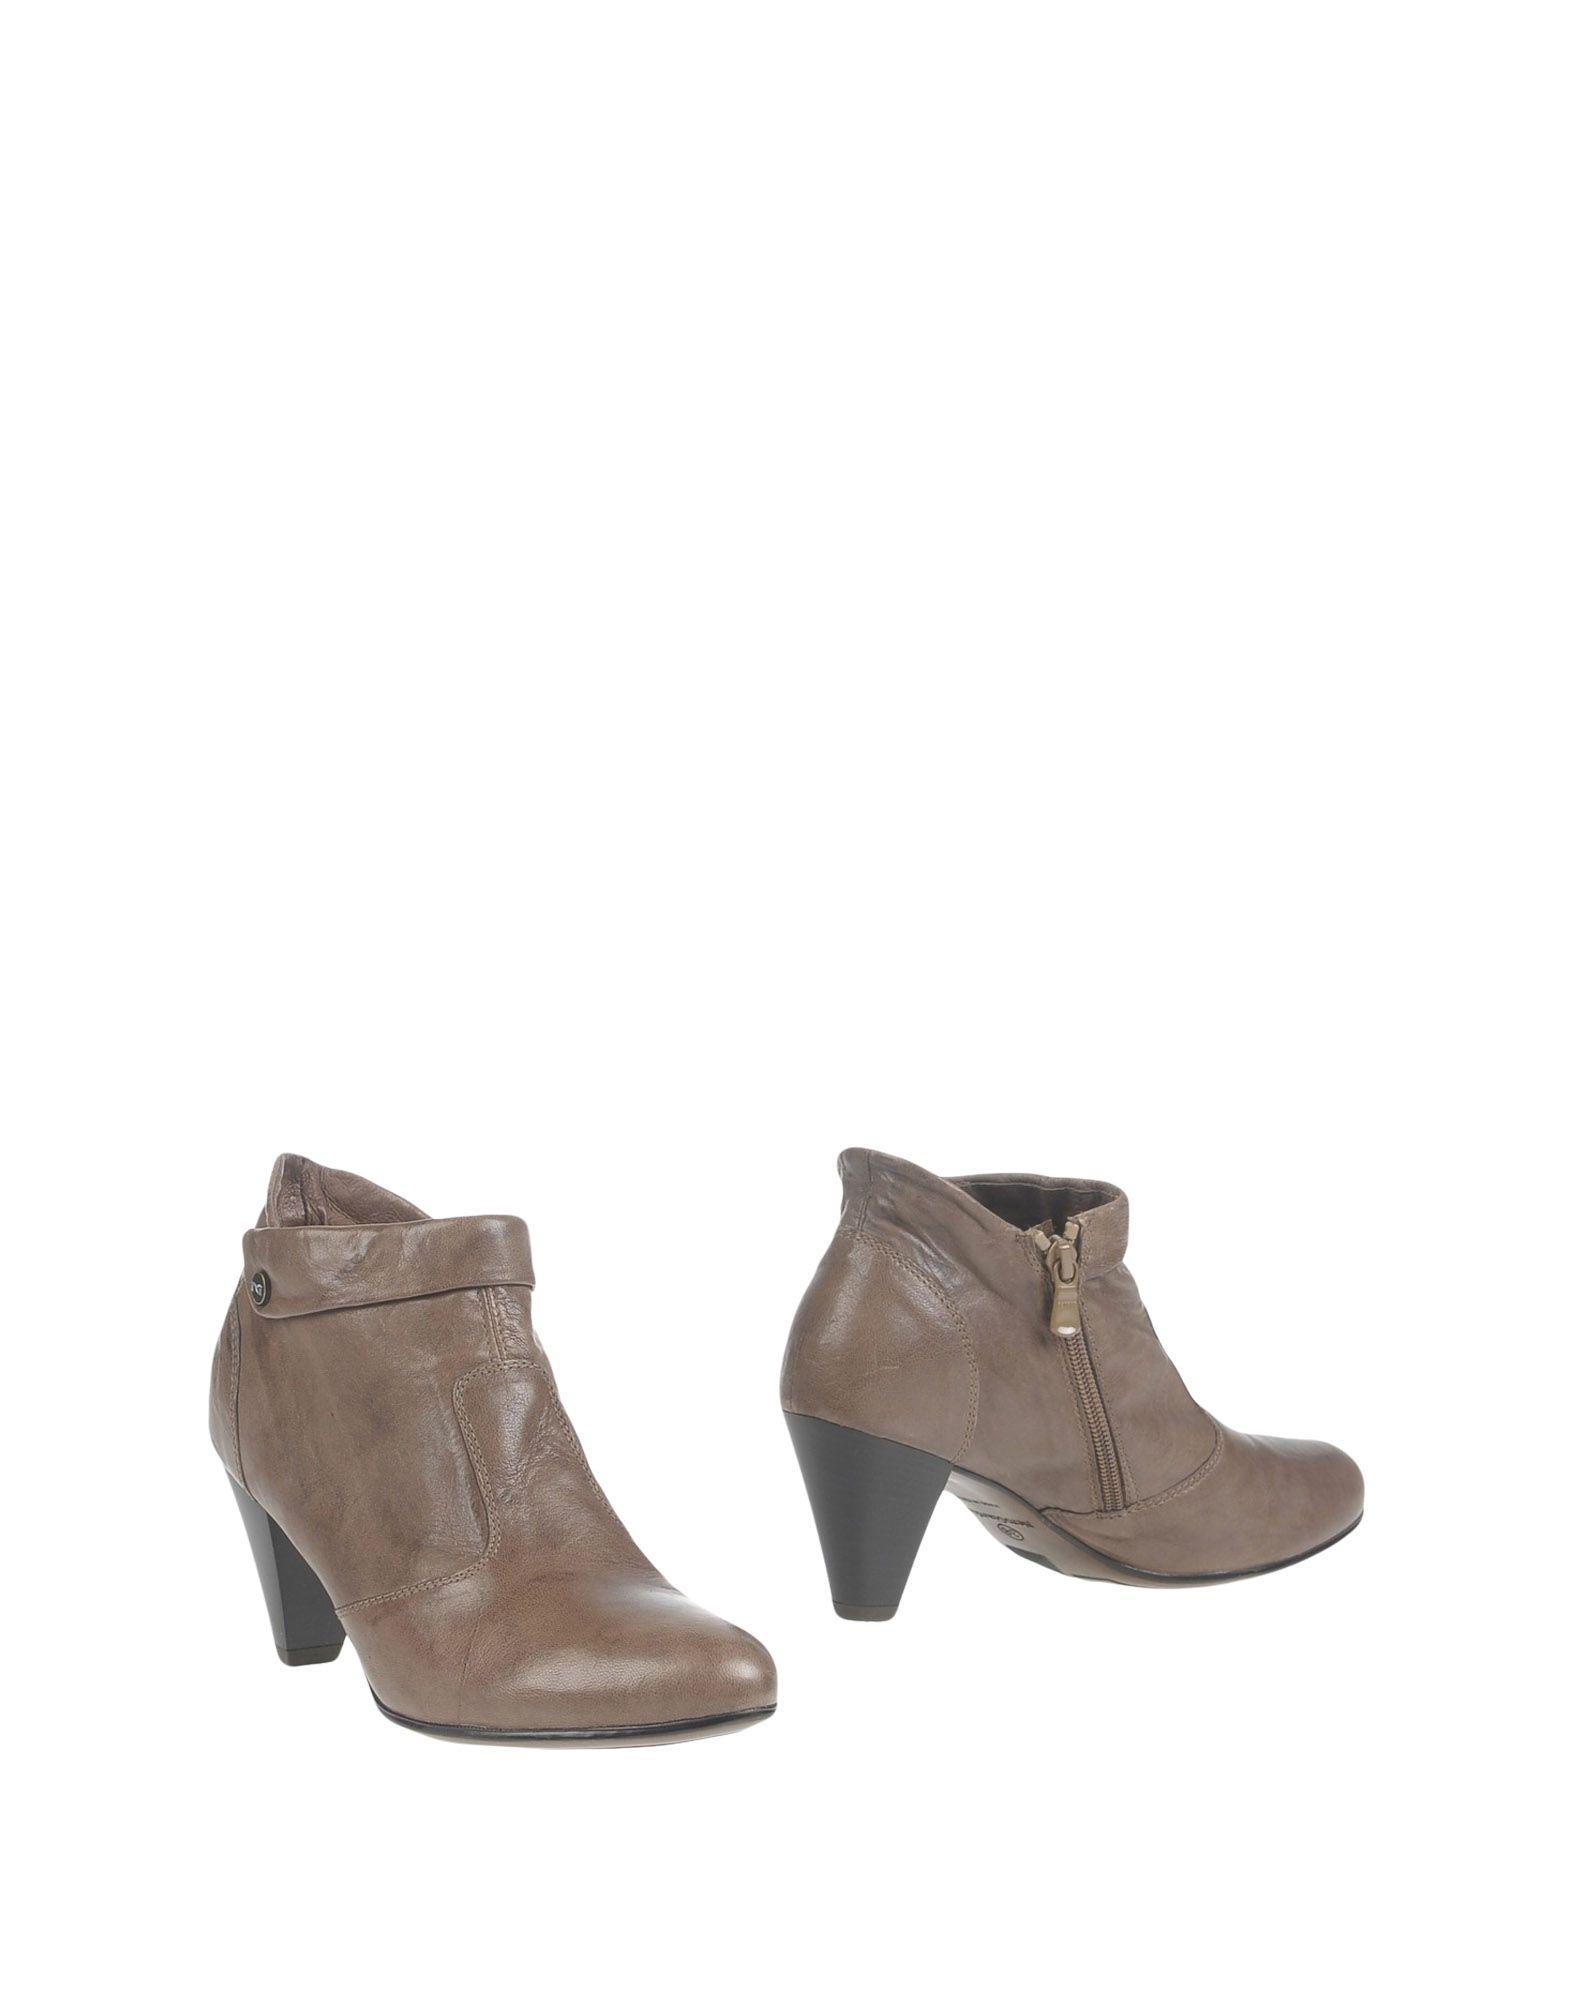 Nero  Giardini Stiefelette Damen  Nero 11285904AV Gute Qualität beliebte Schuhe 362dda